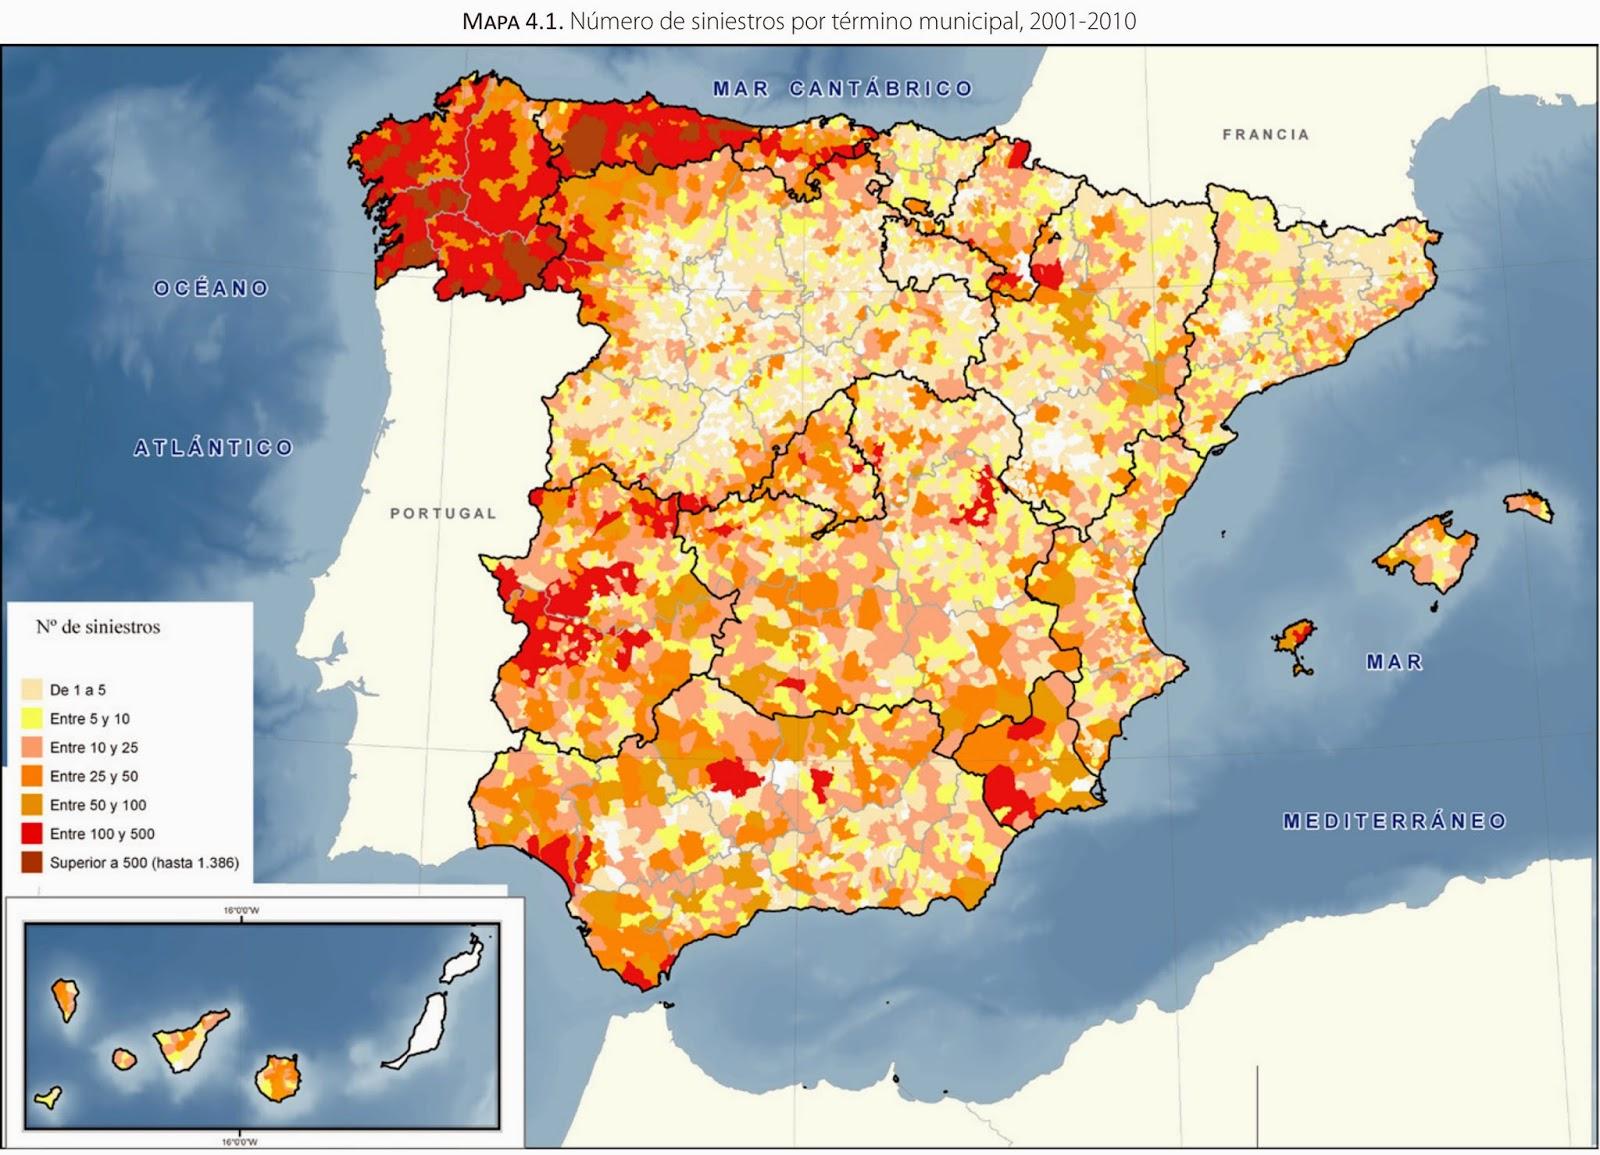 incendios mapa Educación Forestal: Mapa de incendios forestales de España 2001 2010 incendios mapa